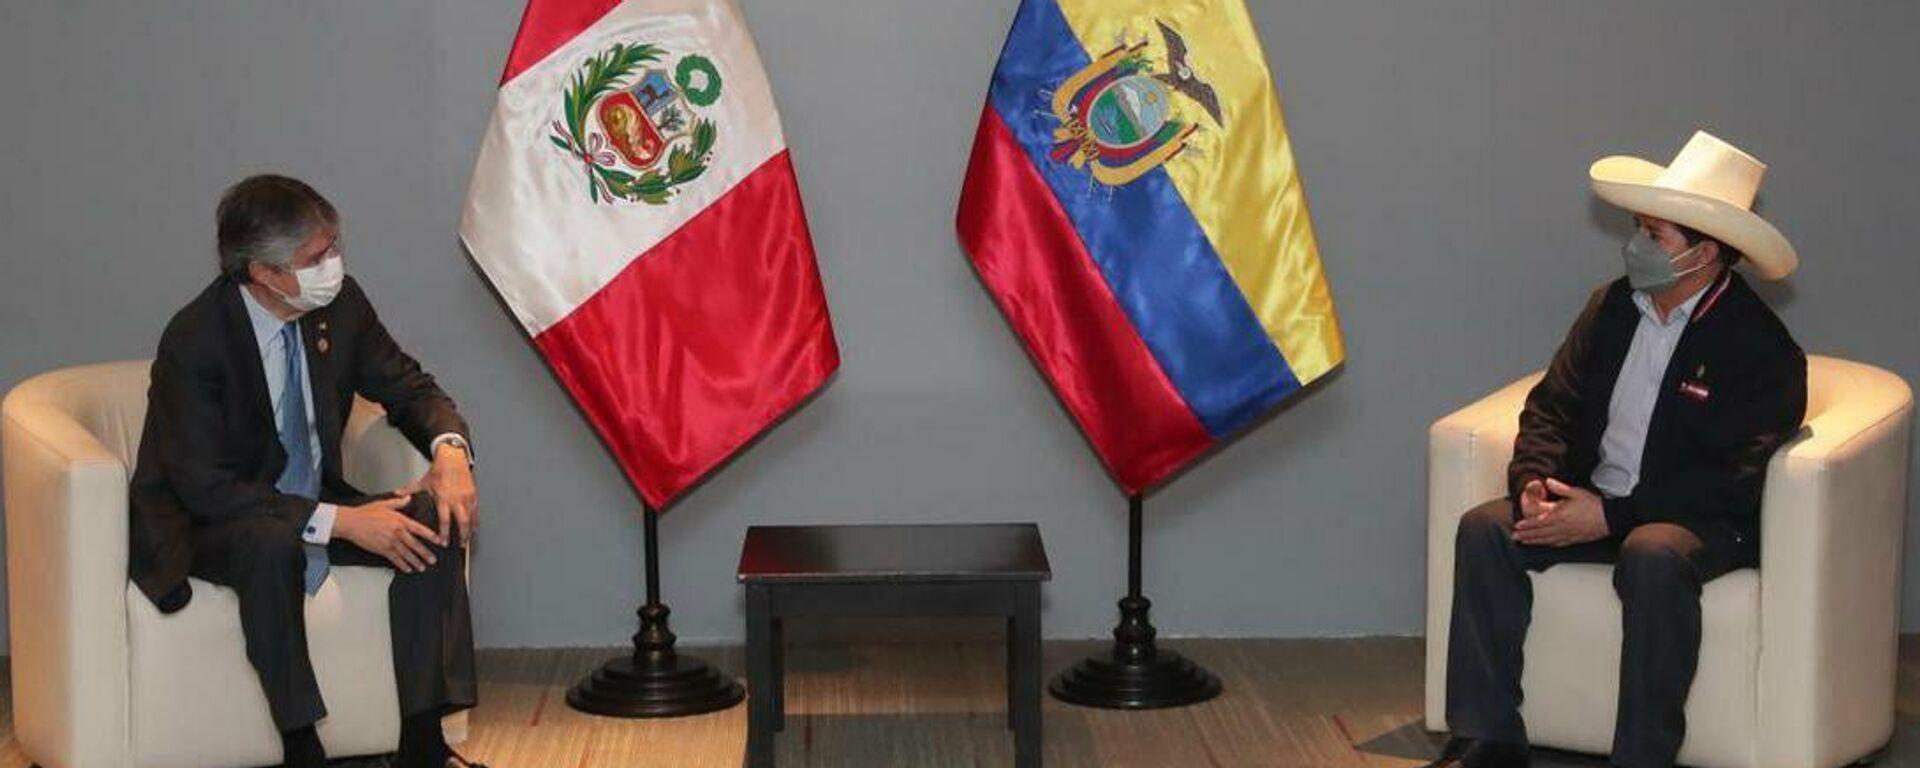 El presidente de Ecuador, Guillermo Lasso, y el presidente electo de Perú, Pedro Castillo - Sputnik Mundo, 1920, 28.07.2021